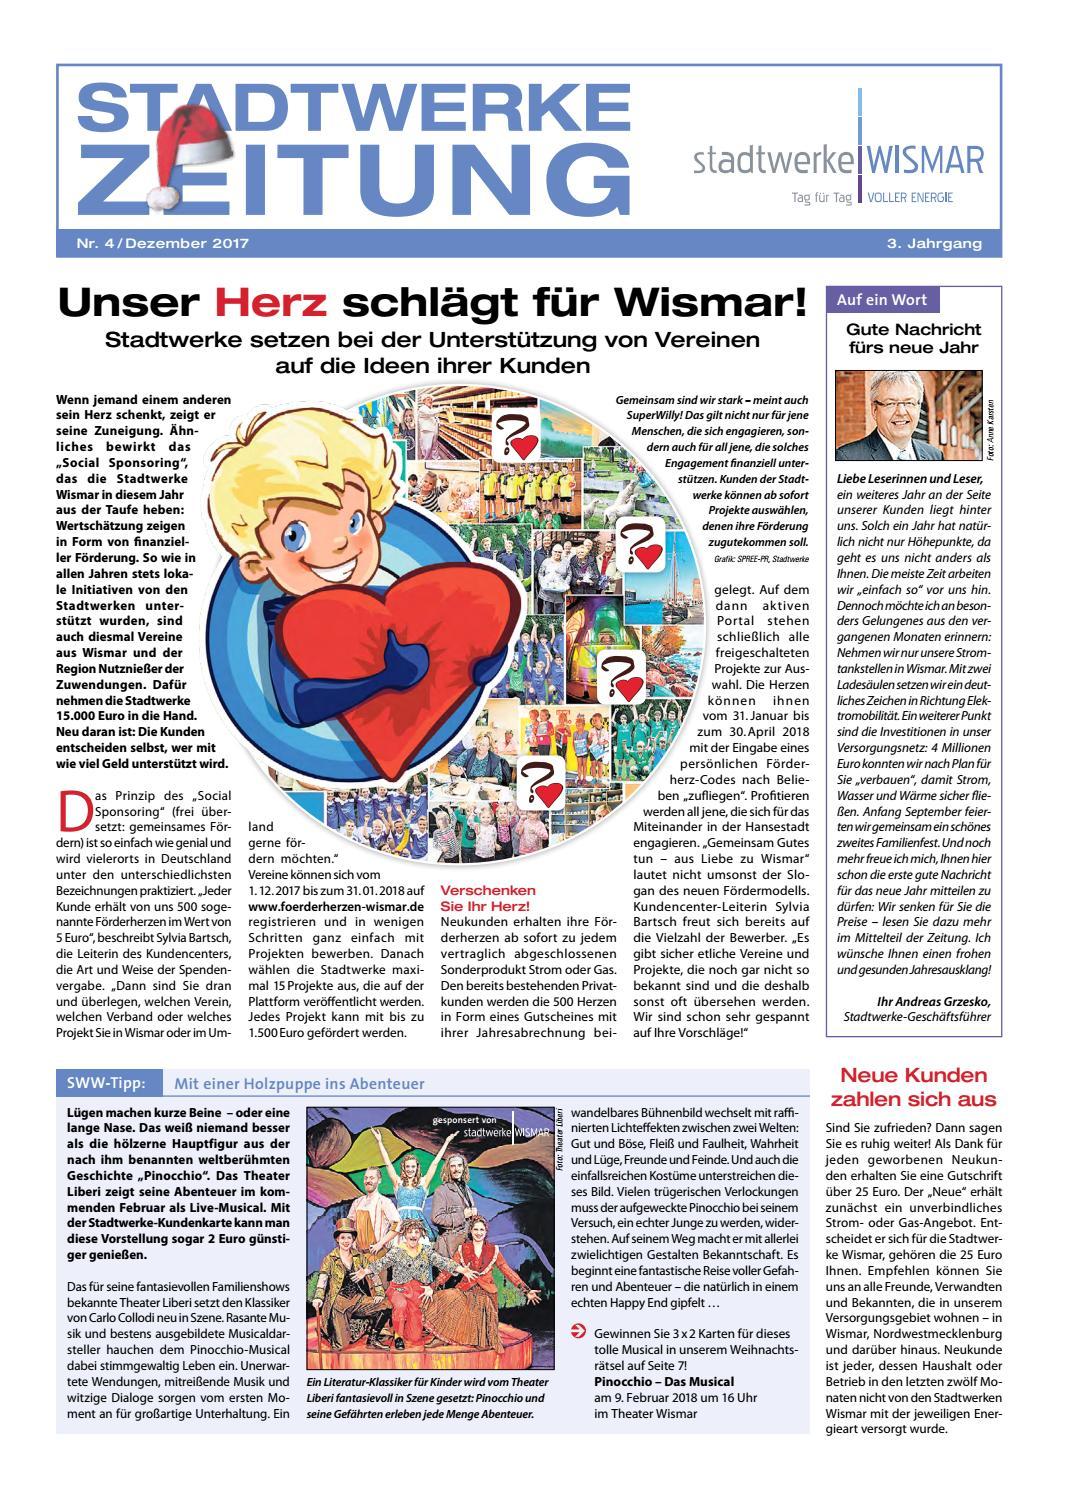 Ziemlich Kanal O Draht Slogan Galerie - Der Schaltplan - greigo.com